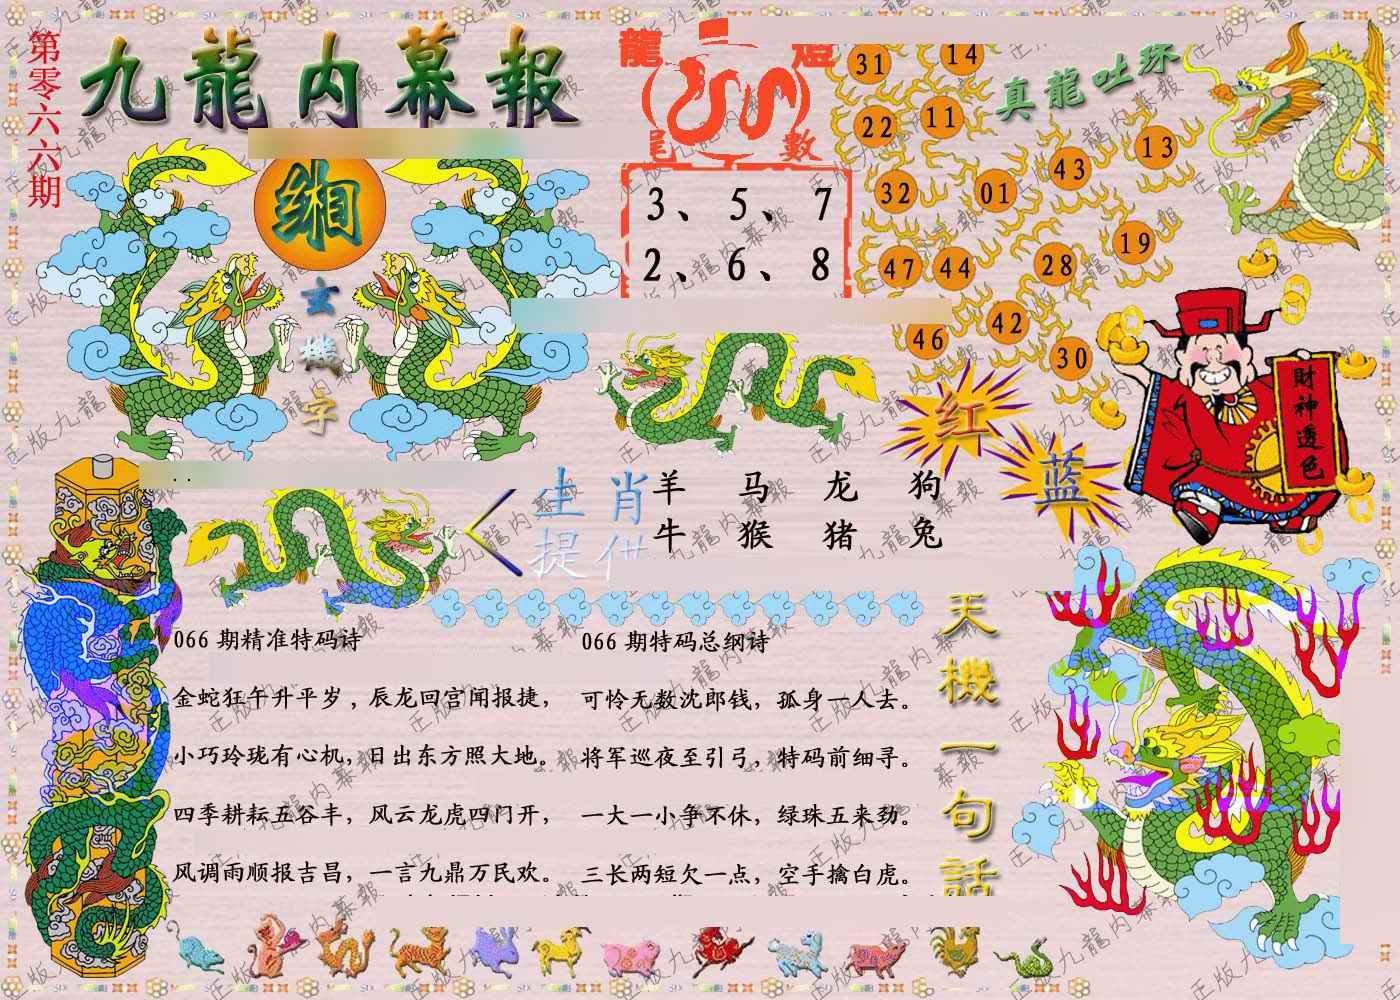 066期正版九龙内幕报